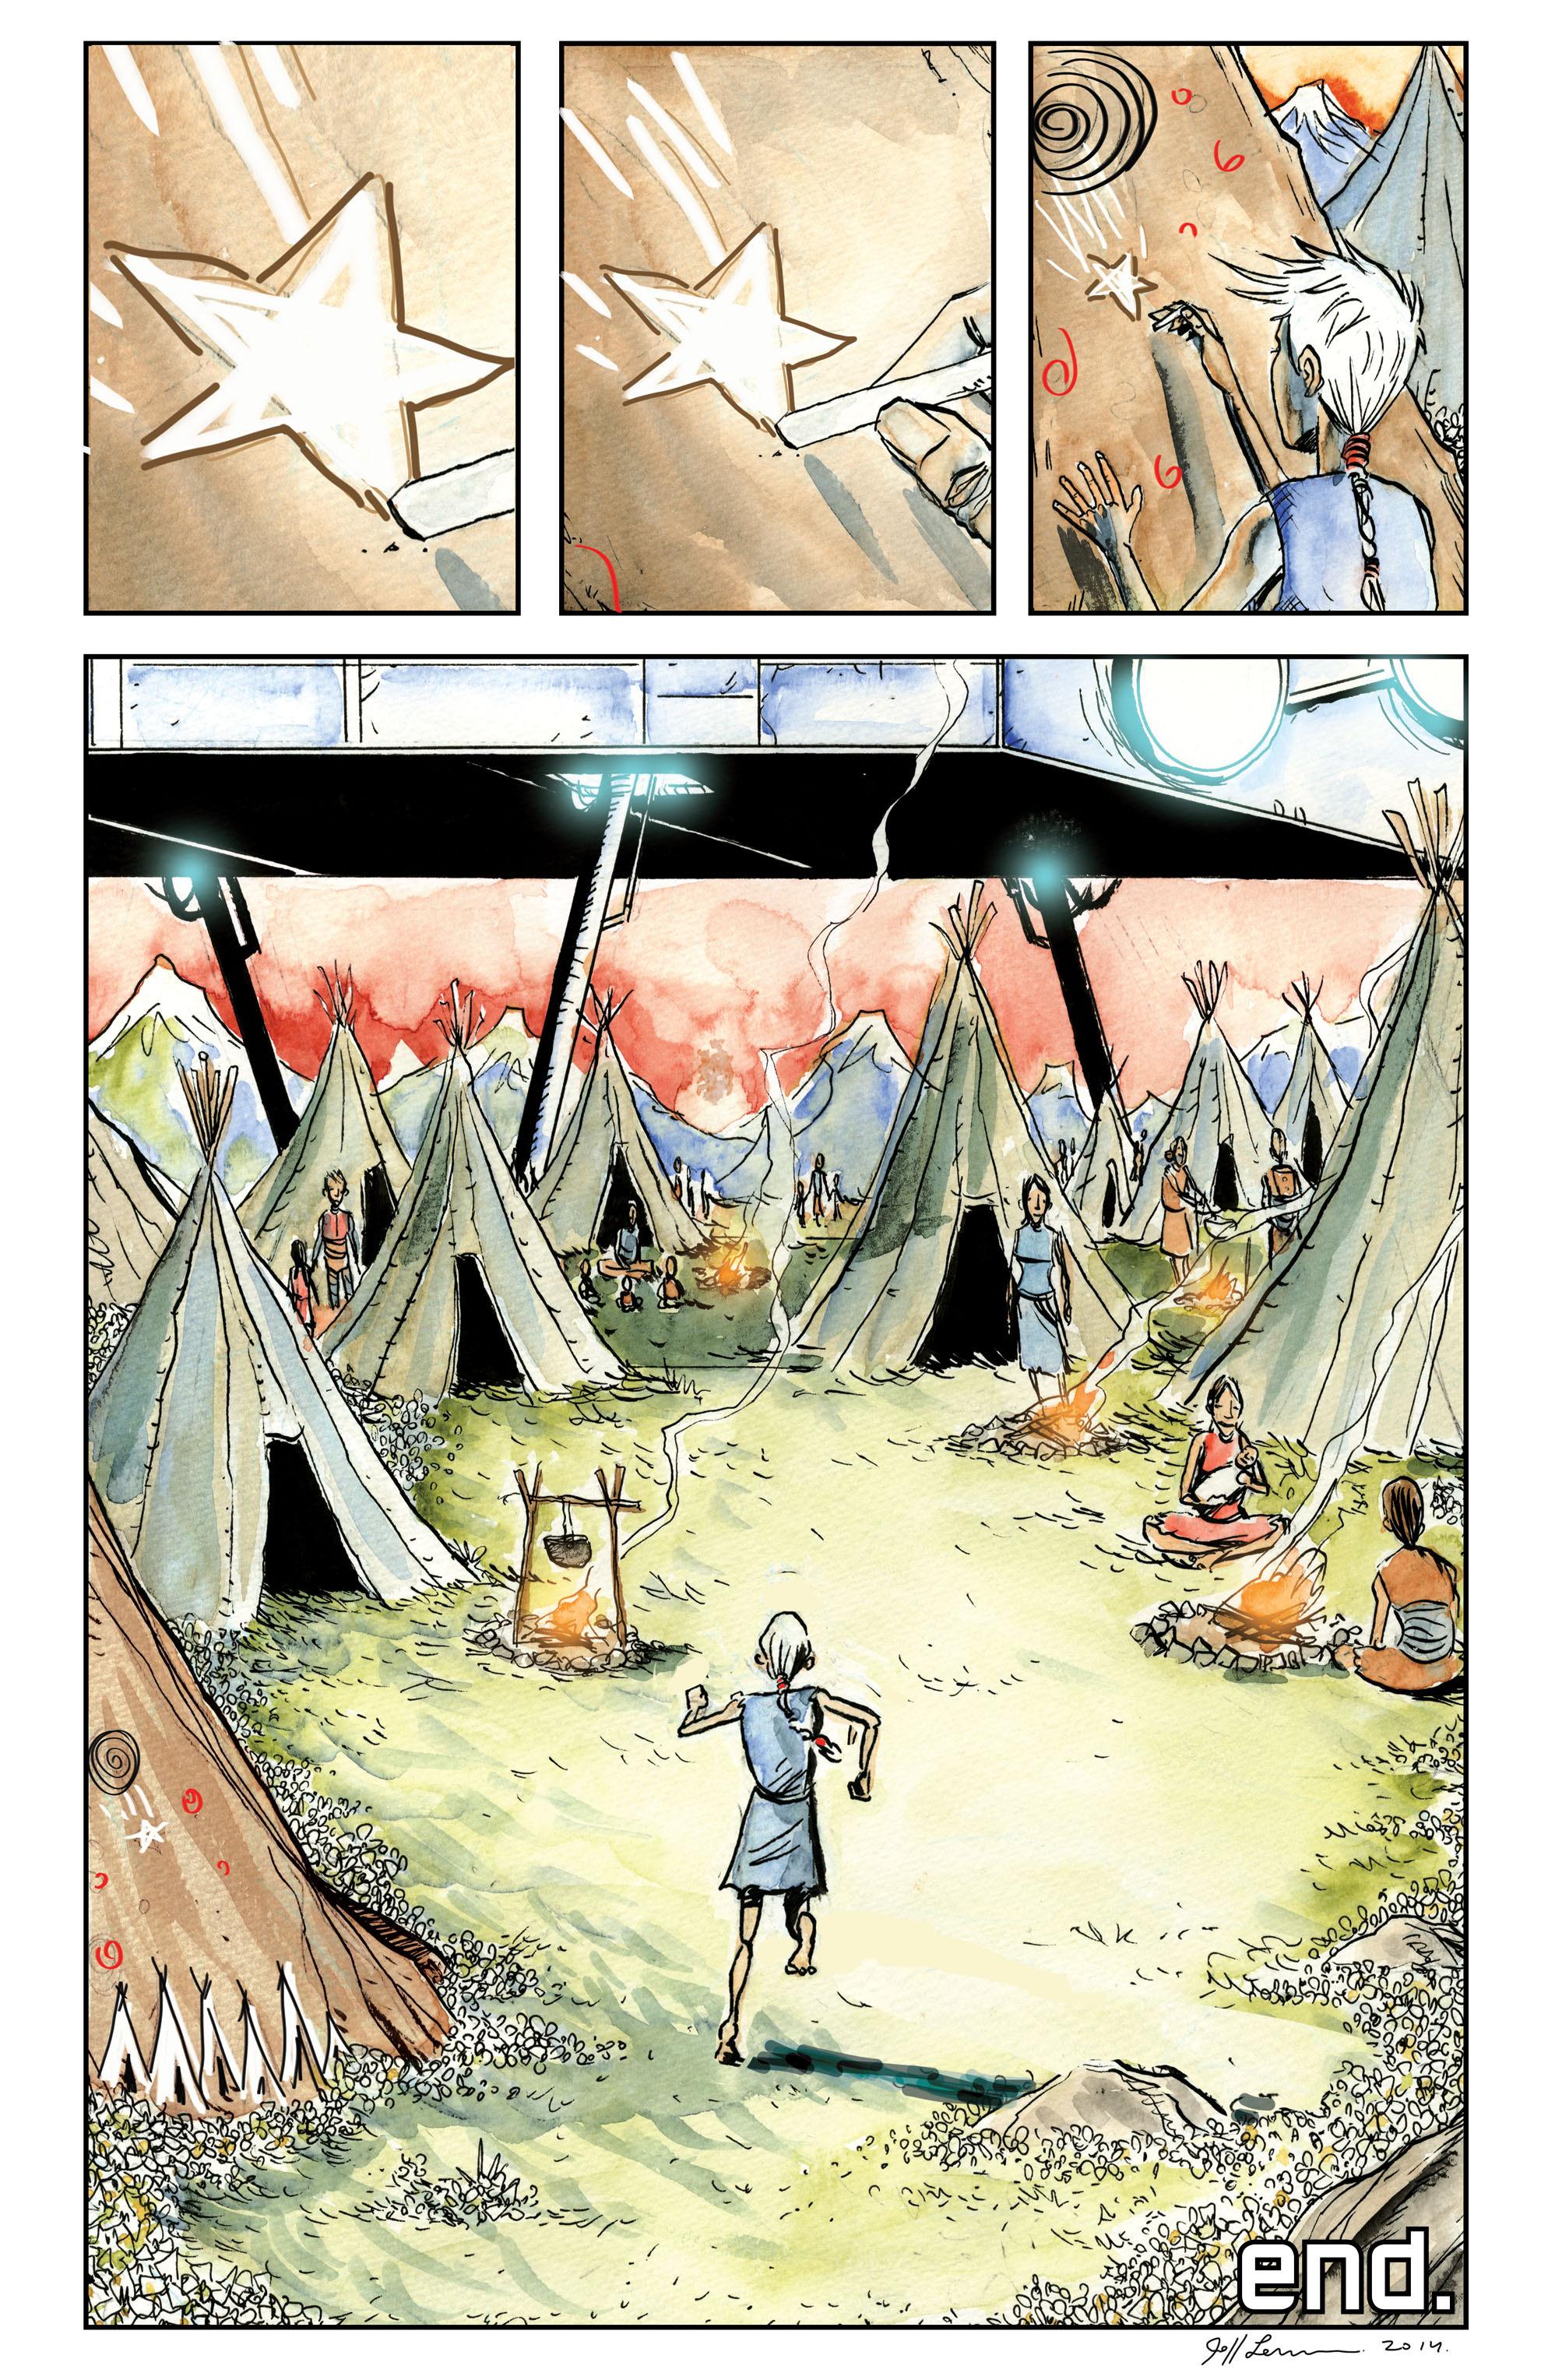 Read online Trillium comic -  Issue # TPB - 204